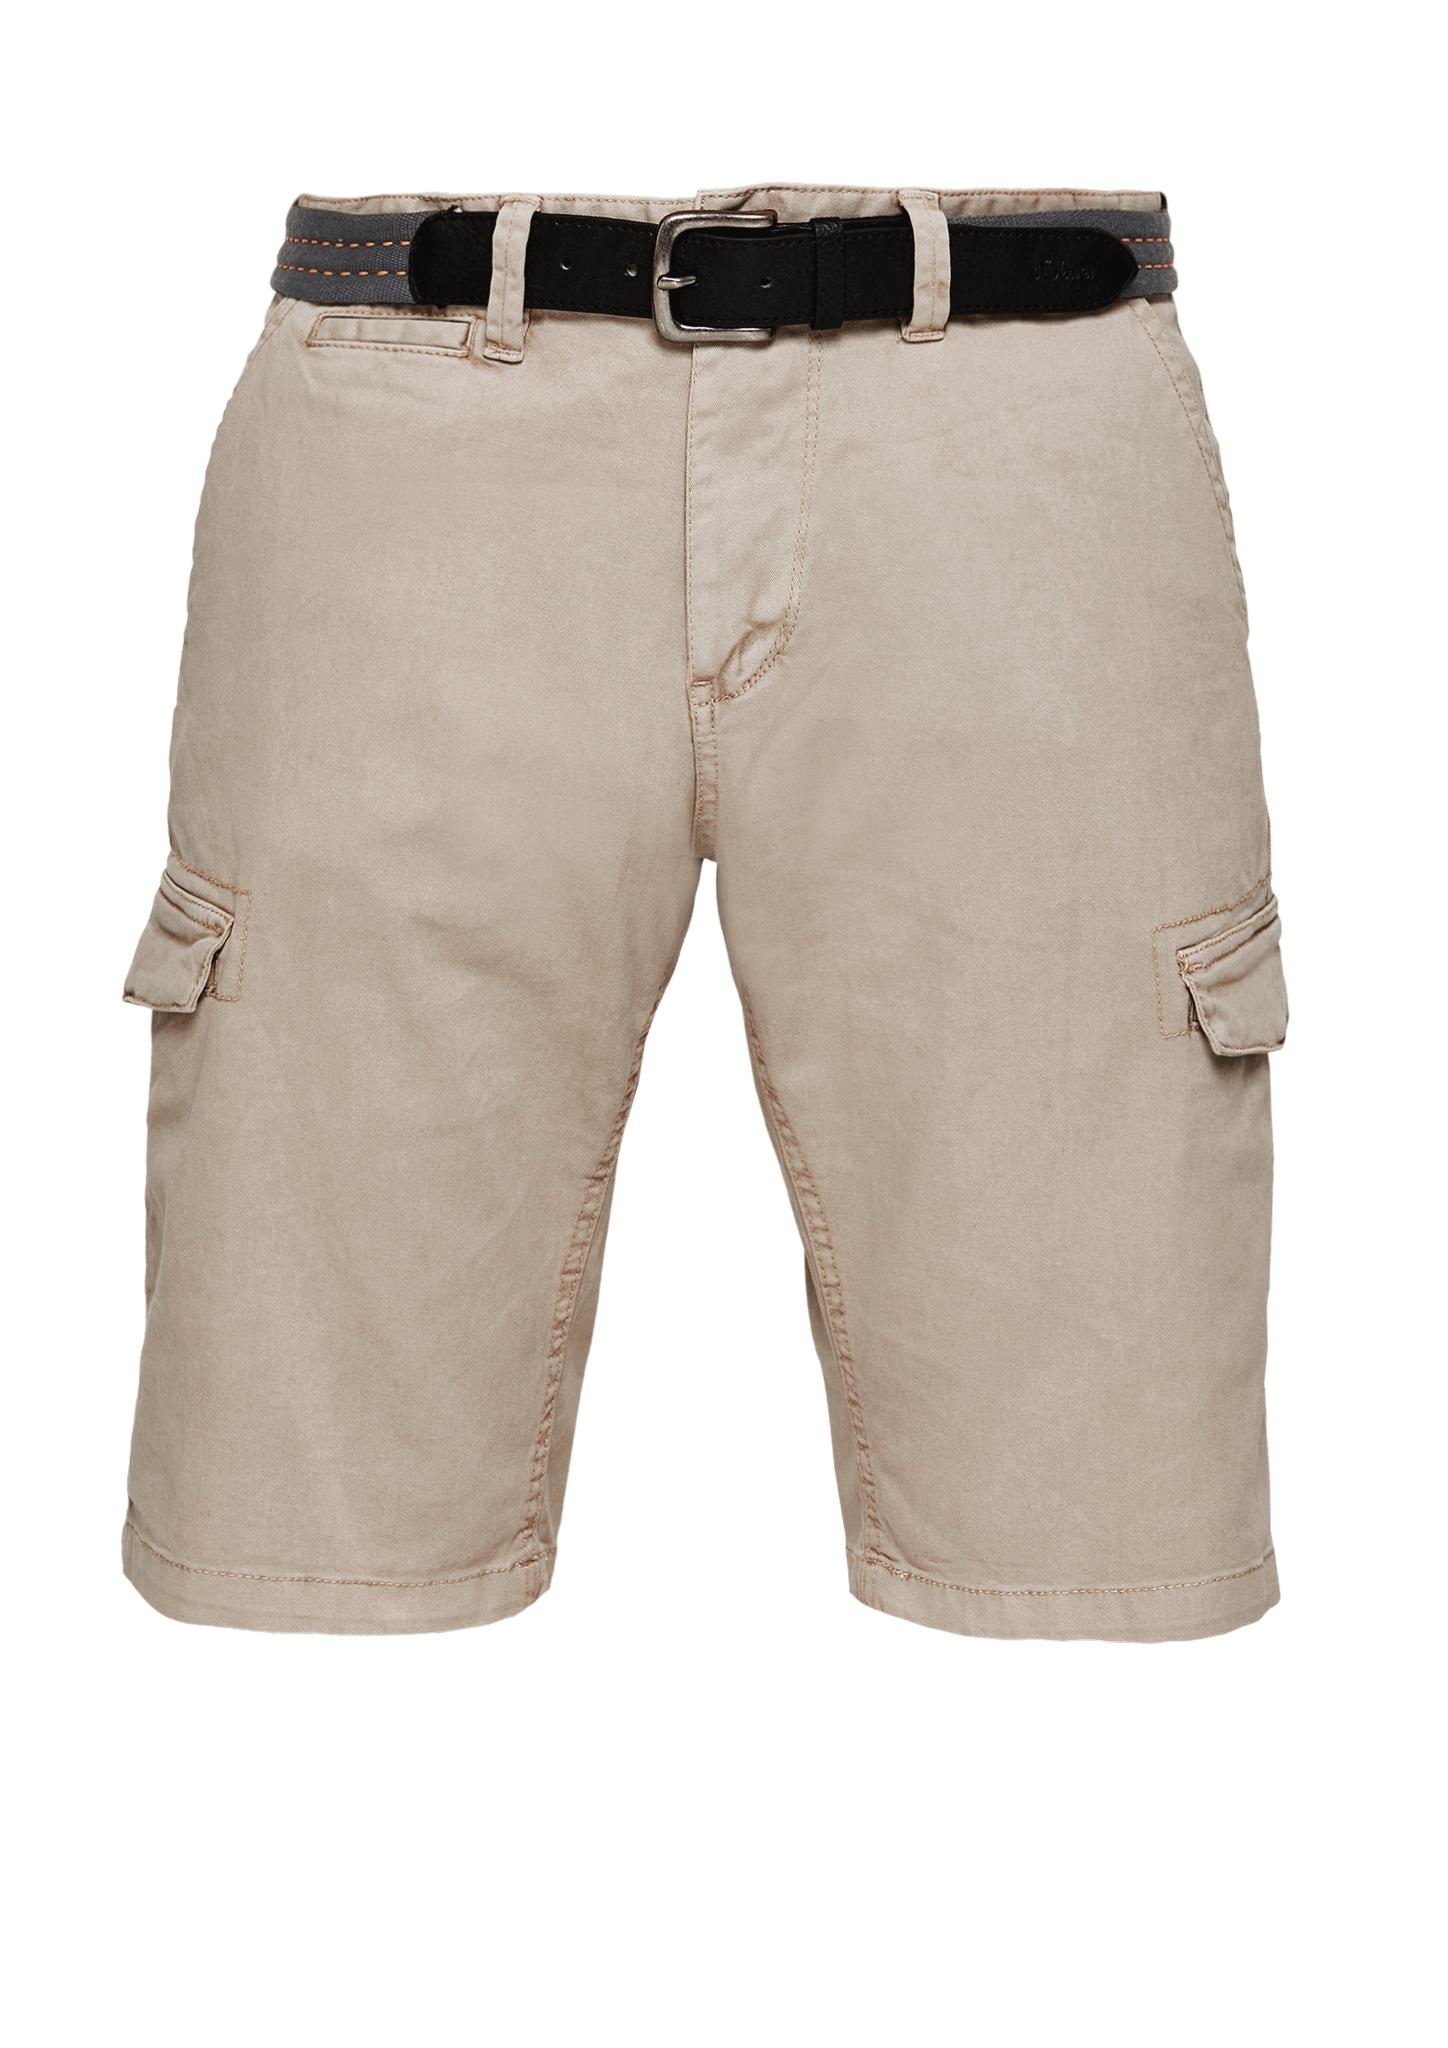 Bermuda | Bekleidung > Shorts & Bermudas > Bermudas | Beige | Oberstoff: 98% baumwolle -  2% elasthan| futter: 65% polyester -  35% baumwolle | s.Oliver